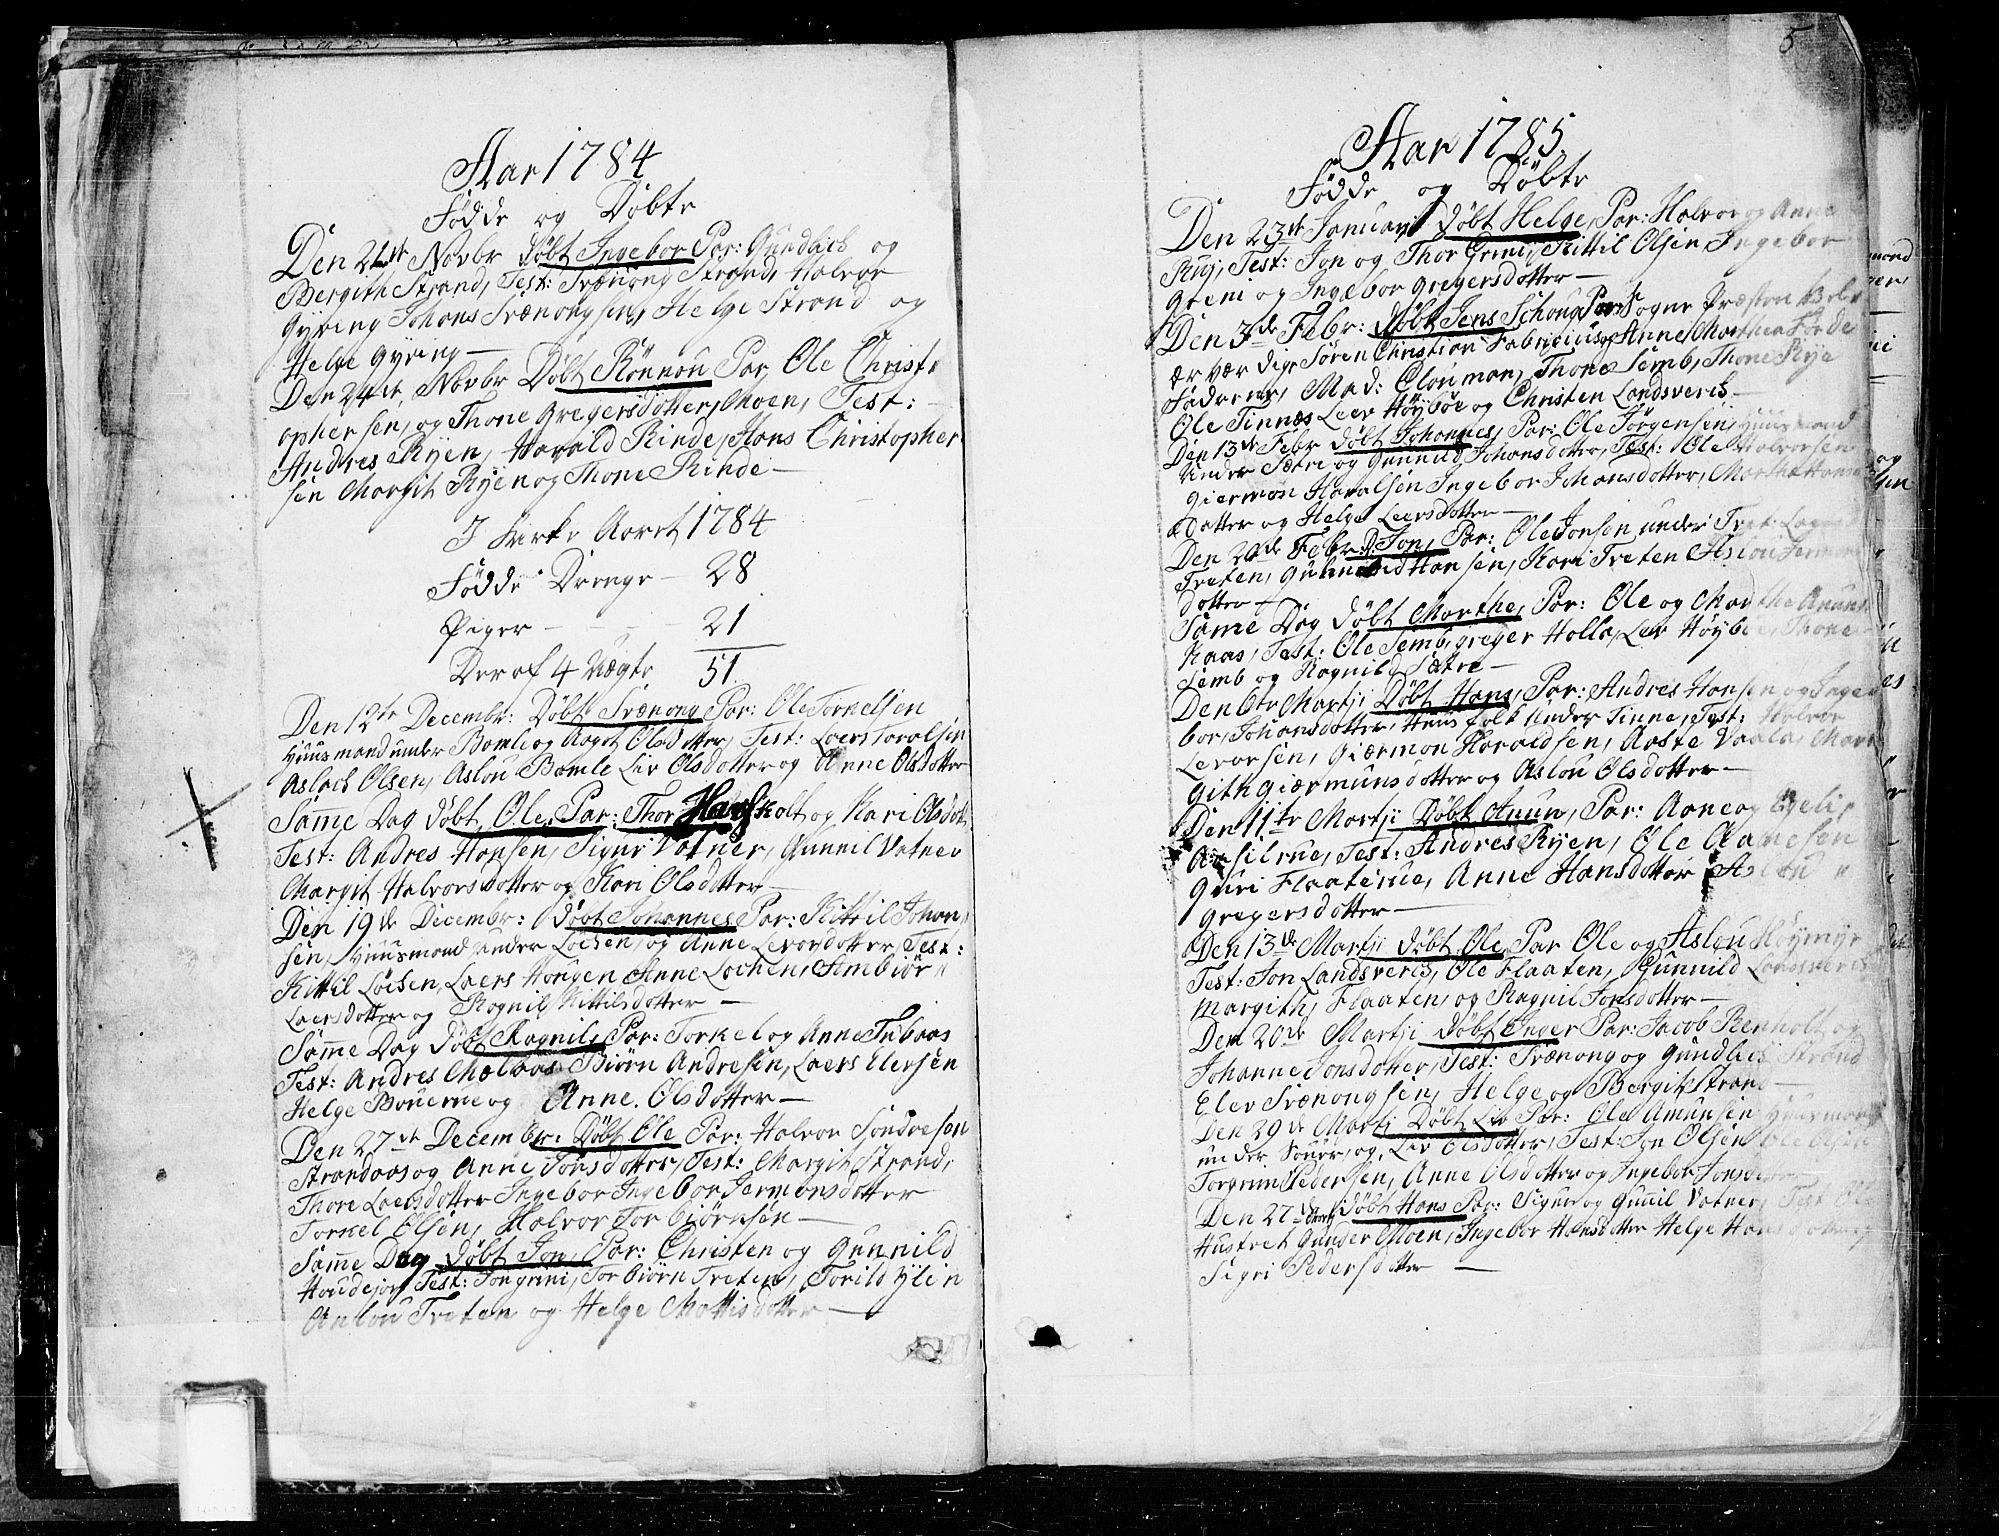 SAKO, Heddal kirkebøker, F/Fa/L0004: Ministerialbok nr. I 4, 1784-1814, s. 5